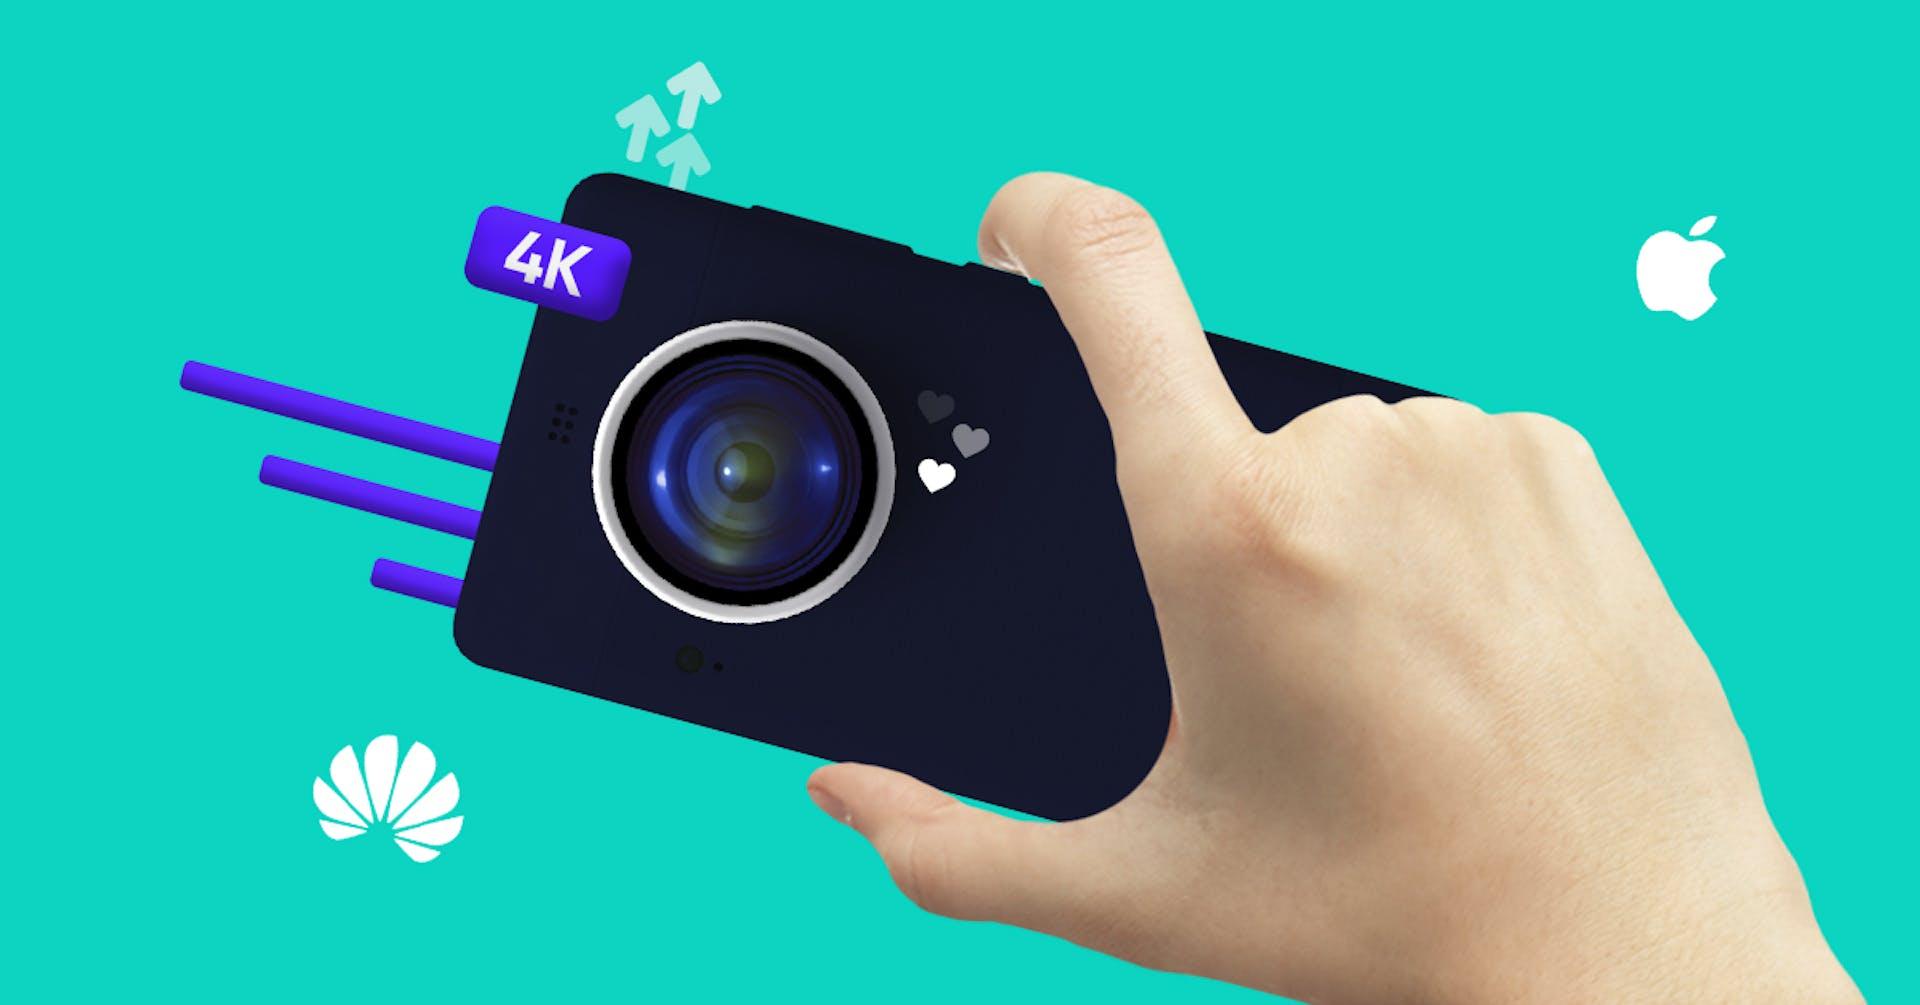 Las mejores cámaras de celulares con OIS para hacer fotografías del 2021